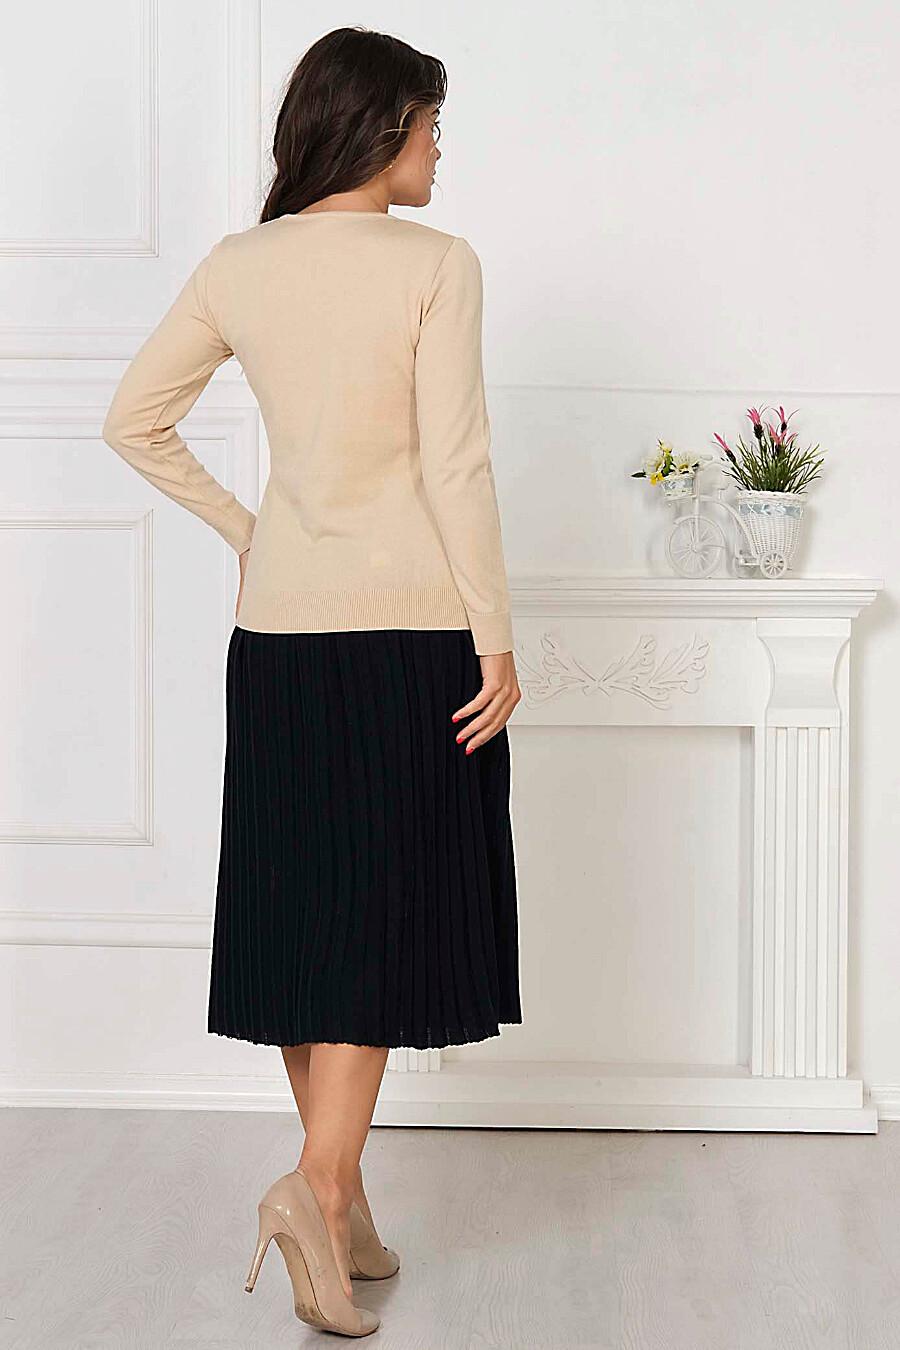 Джемпер для женщин ANKOLI 184587 купить оптом от производителя. Совместная покупка женской одежды в OptMoyo